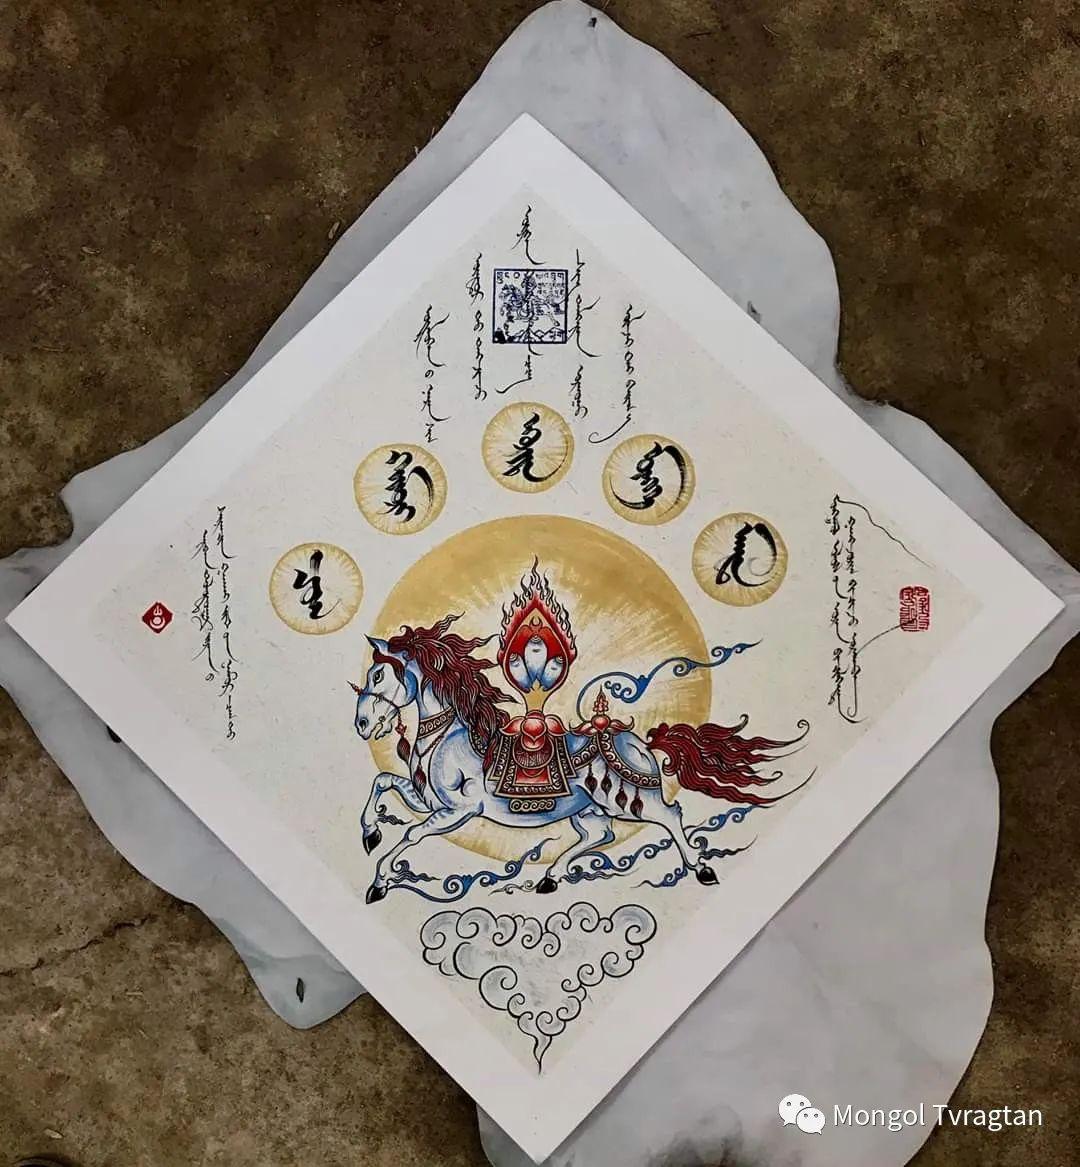 蒙古文书法ᠣᠷᠠᠨ ᠪᠢᠴᠢᠯᠭᠡ- 2 第21张